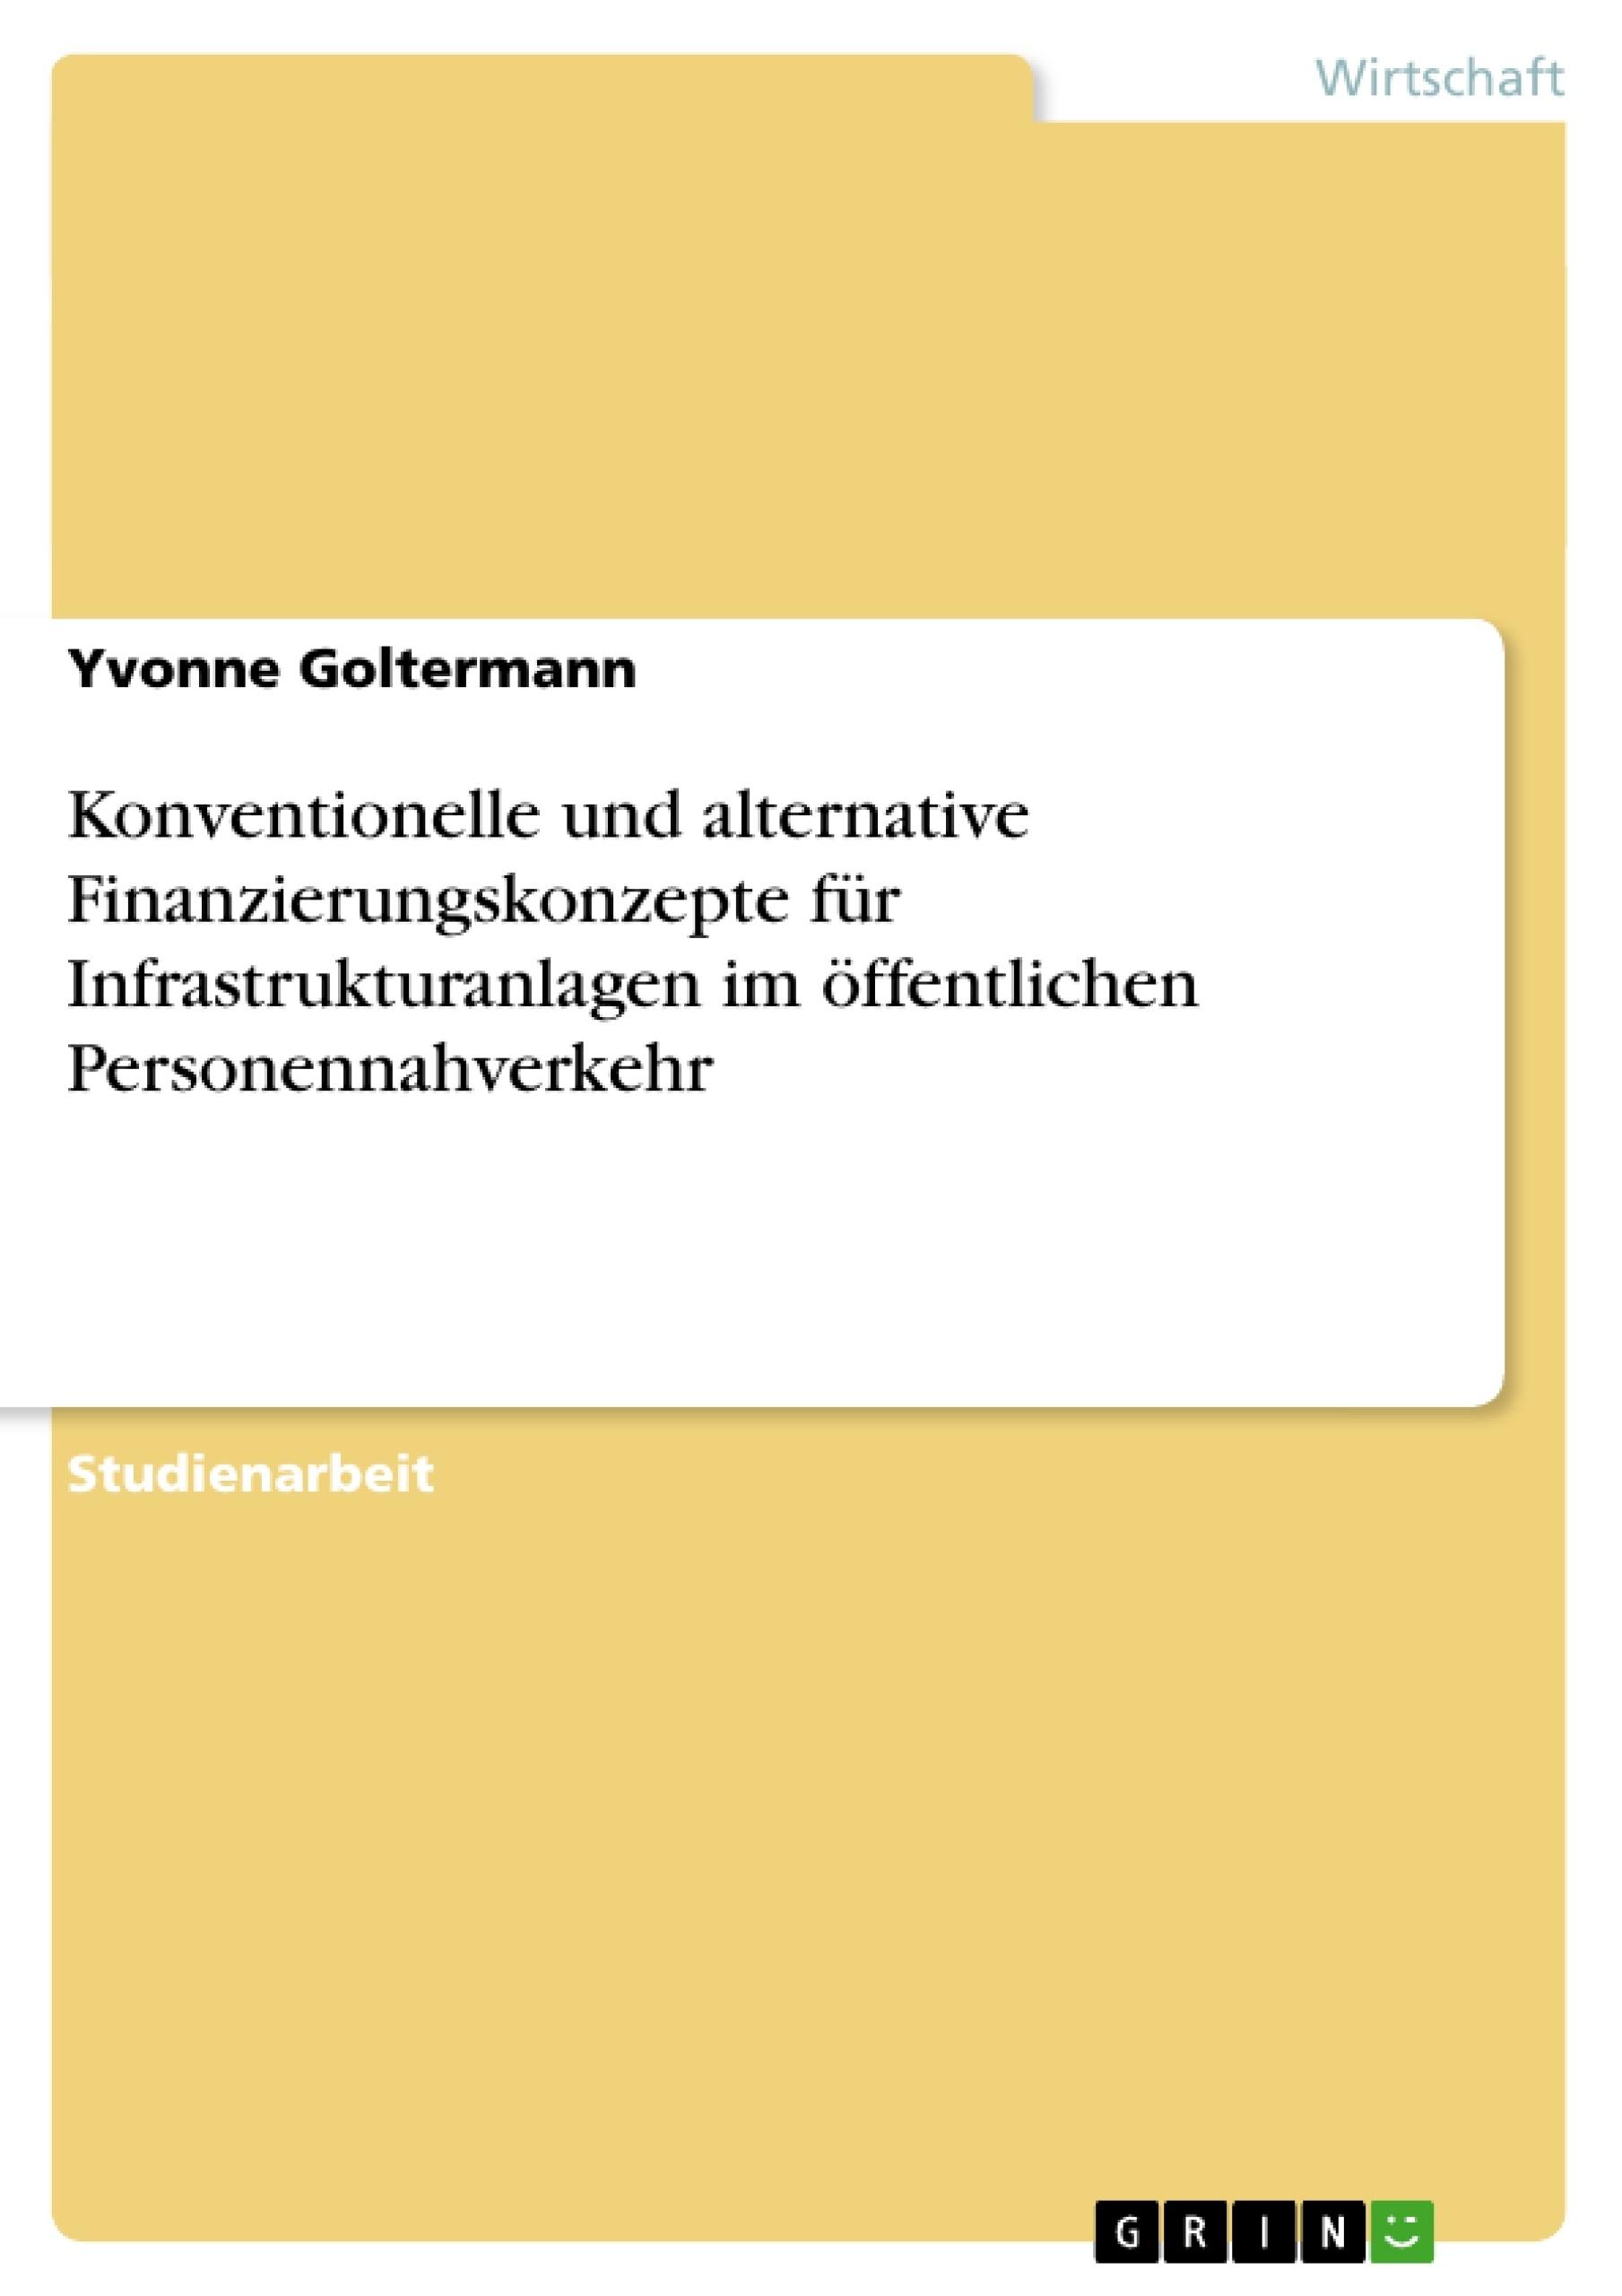 Titel: Konventionelle und alternative Finanzierungskonzepte für Infrastrukturanlagen im öffentlichen Personennahverkehr